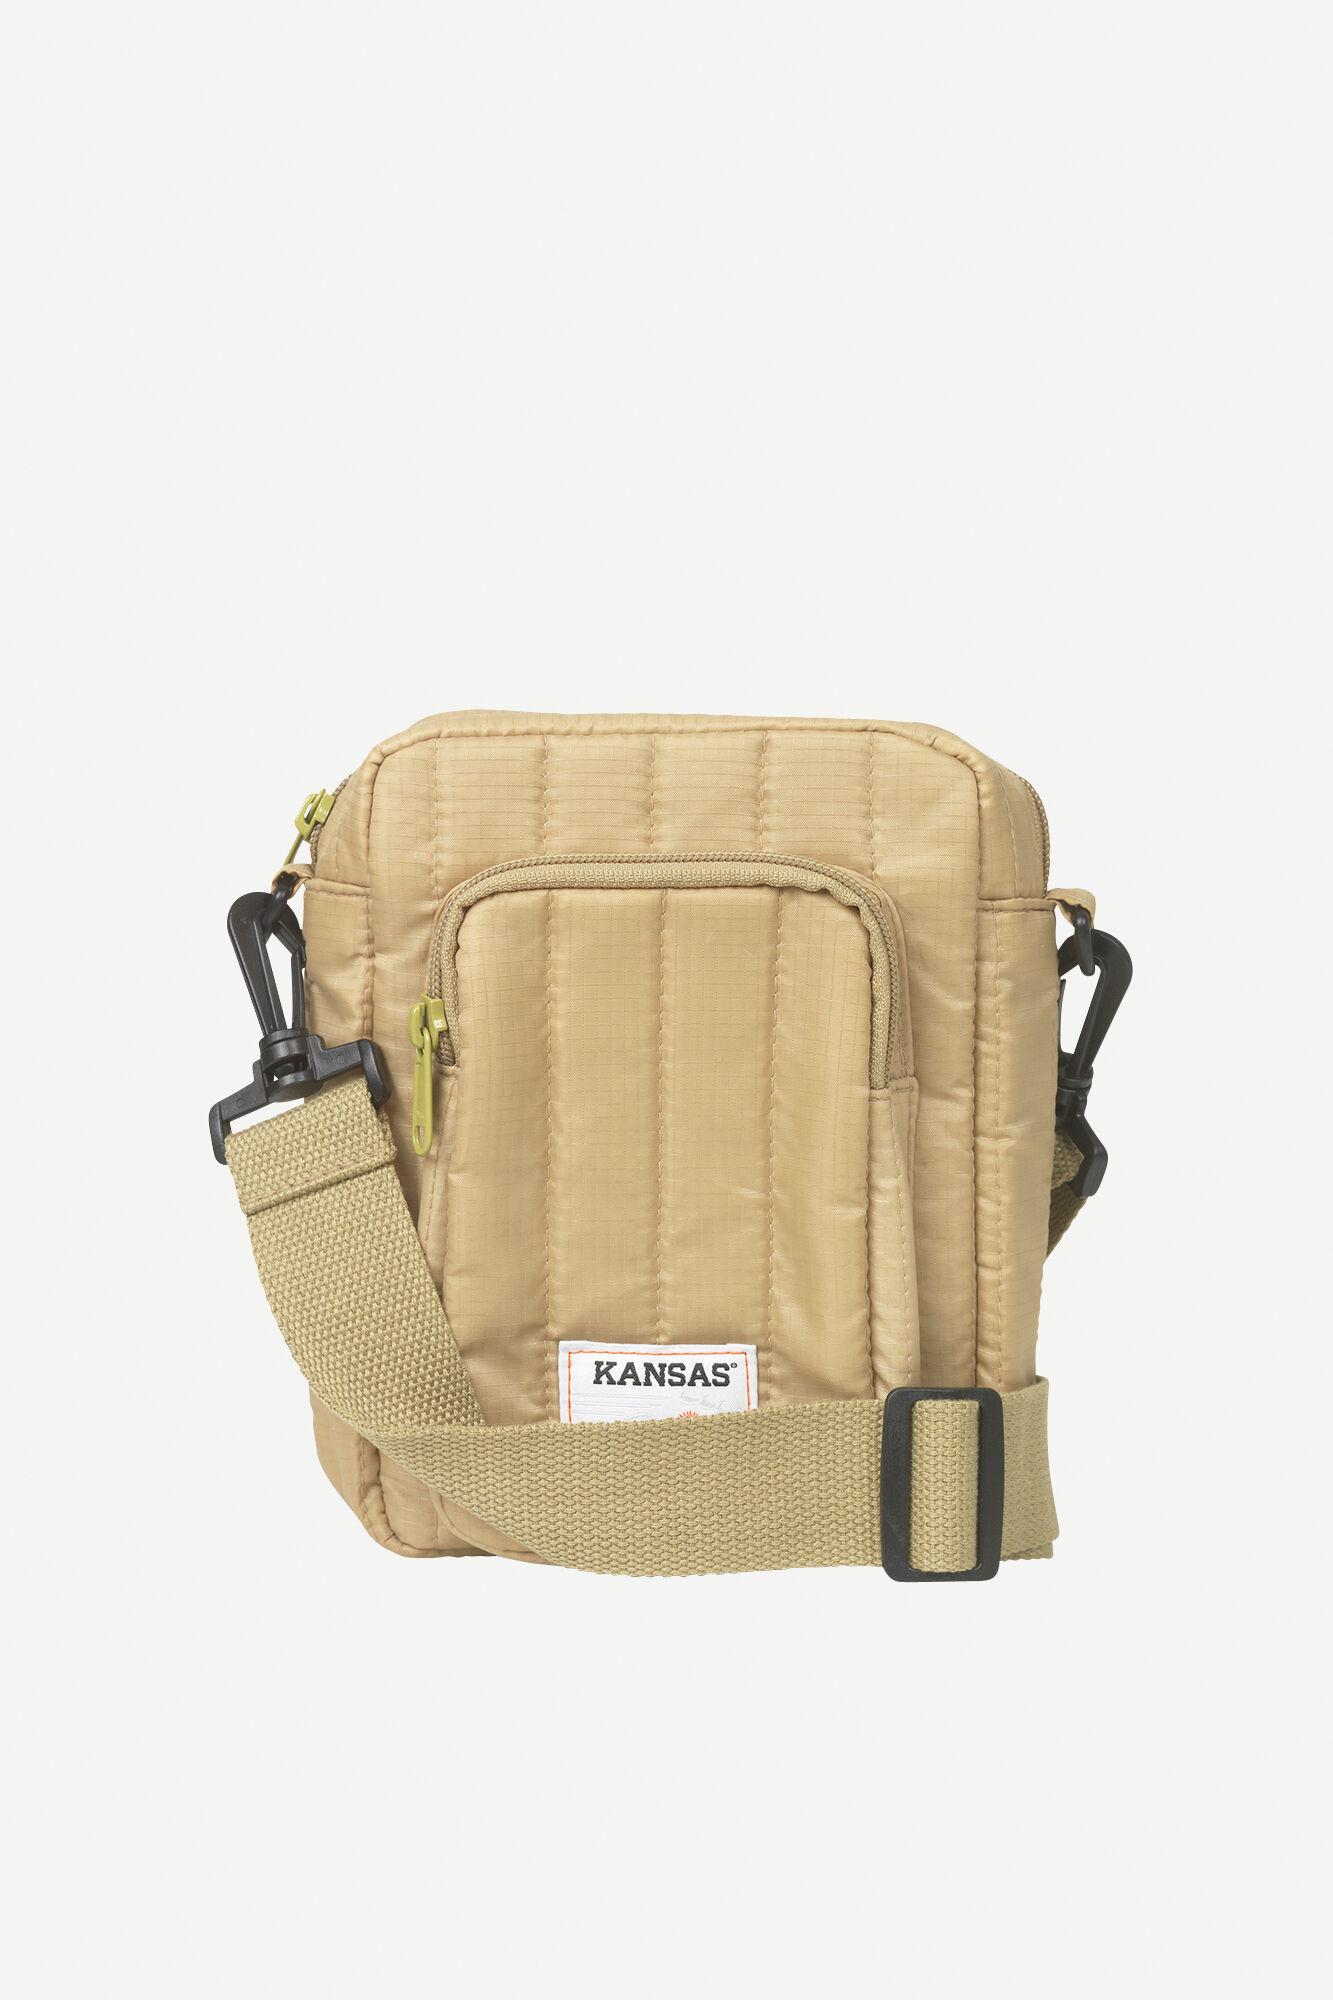 Kansas W bag 12655